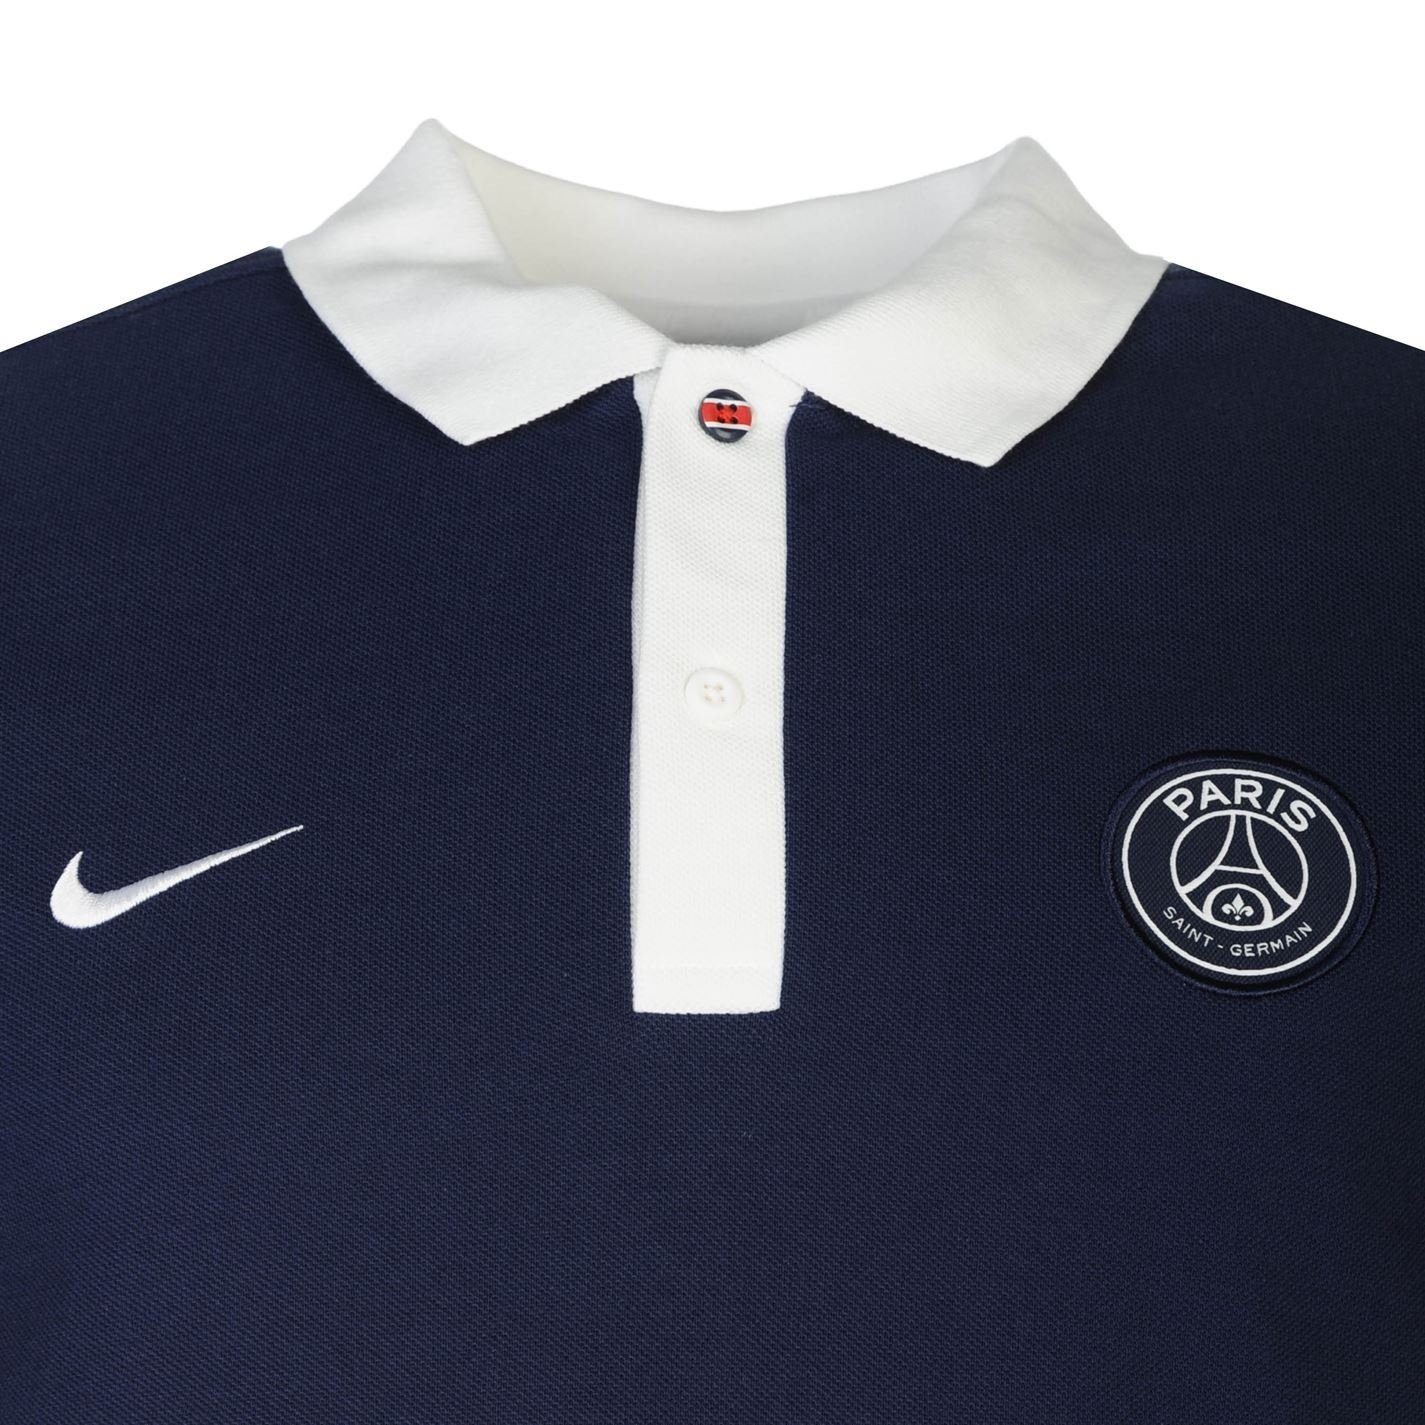 Nike Paris Saint Germain PSG Polo Camiseta para Hombre Azul Marino ...